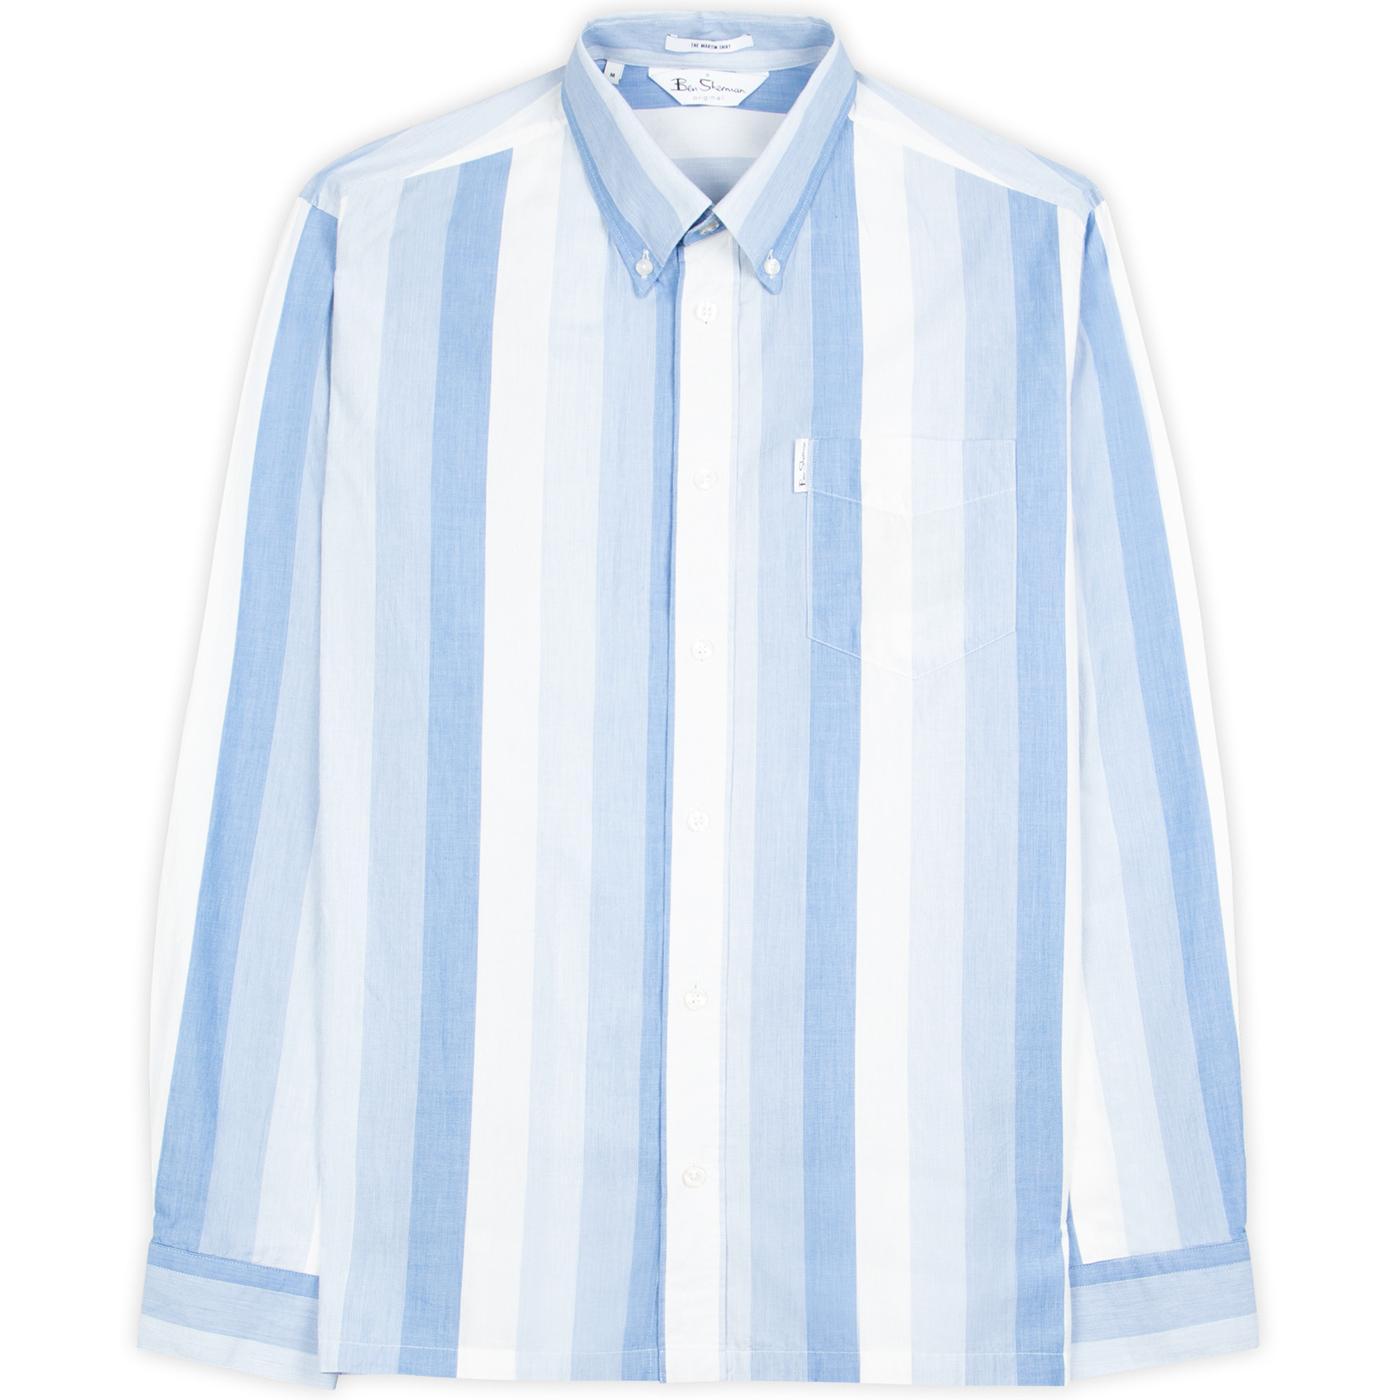 BEN SHERMAN Martin 70s Archive Mod Stripe Shirt